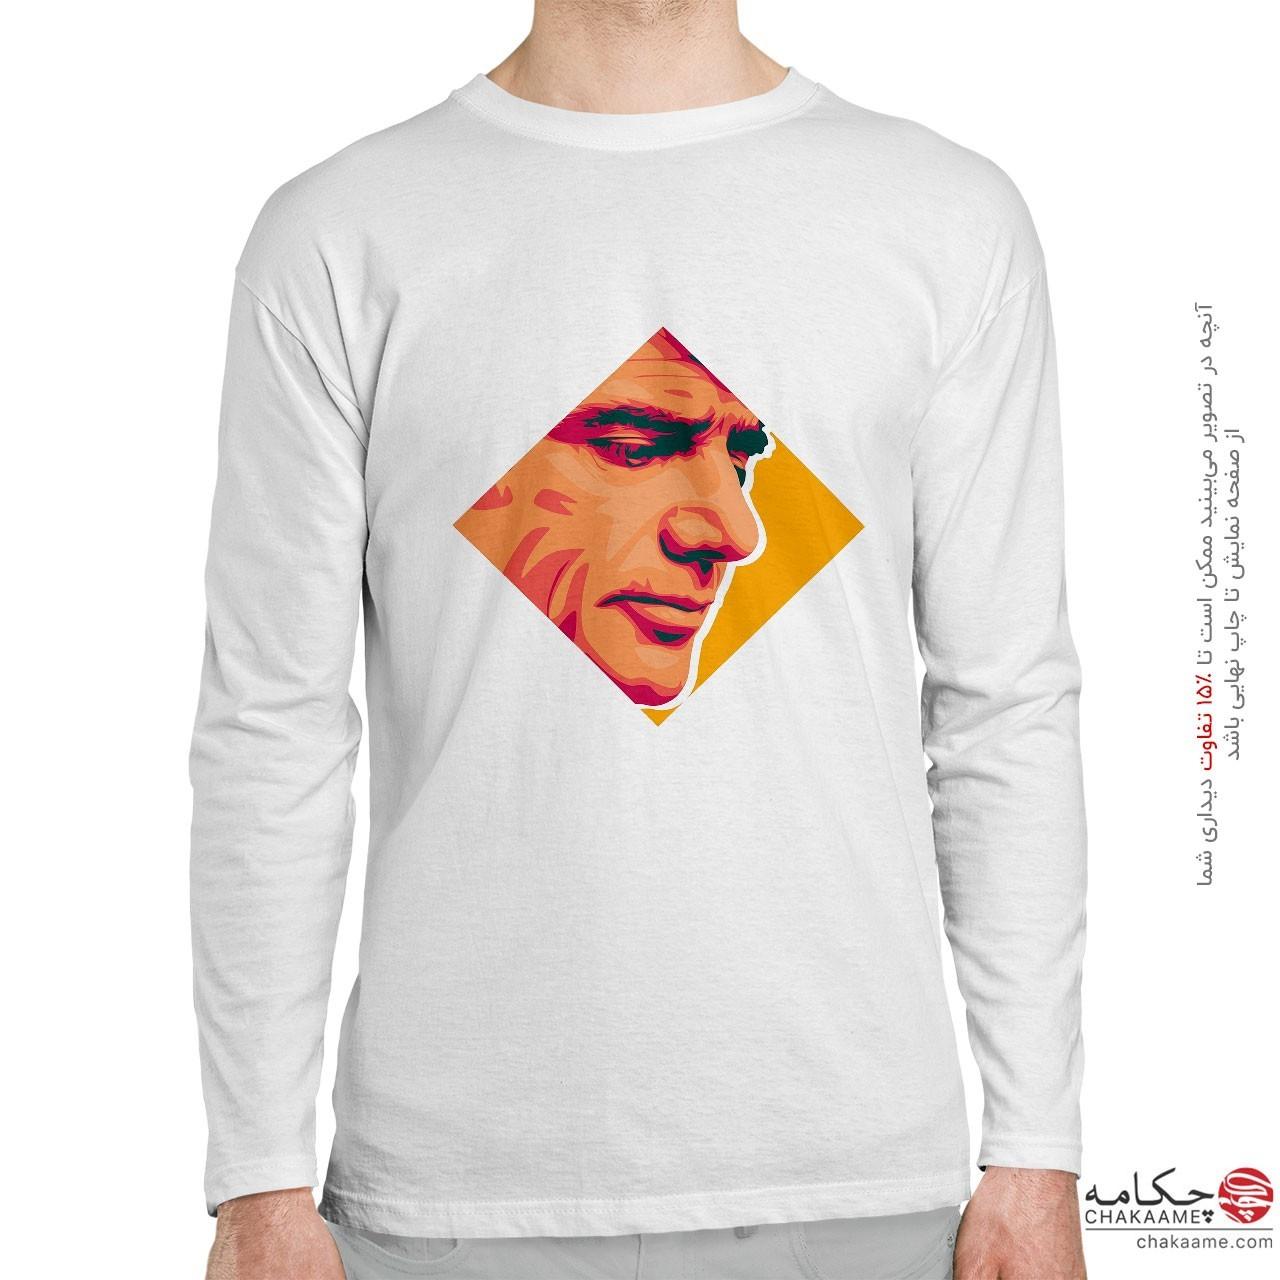 تی شرت آستین بلند طرح گرافیکی چهره...